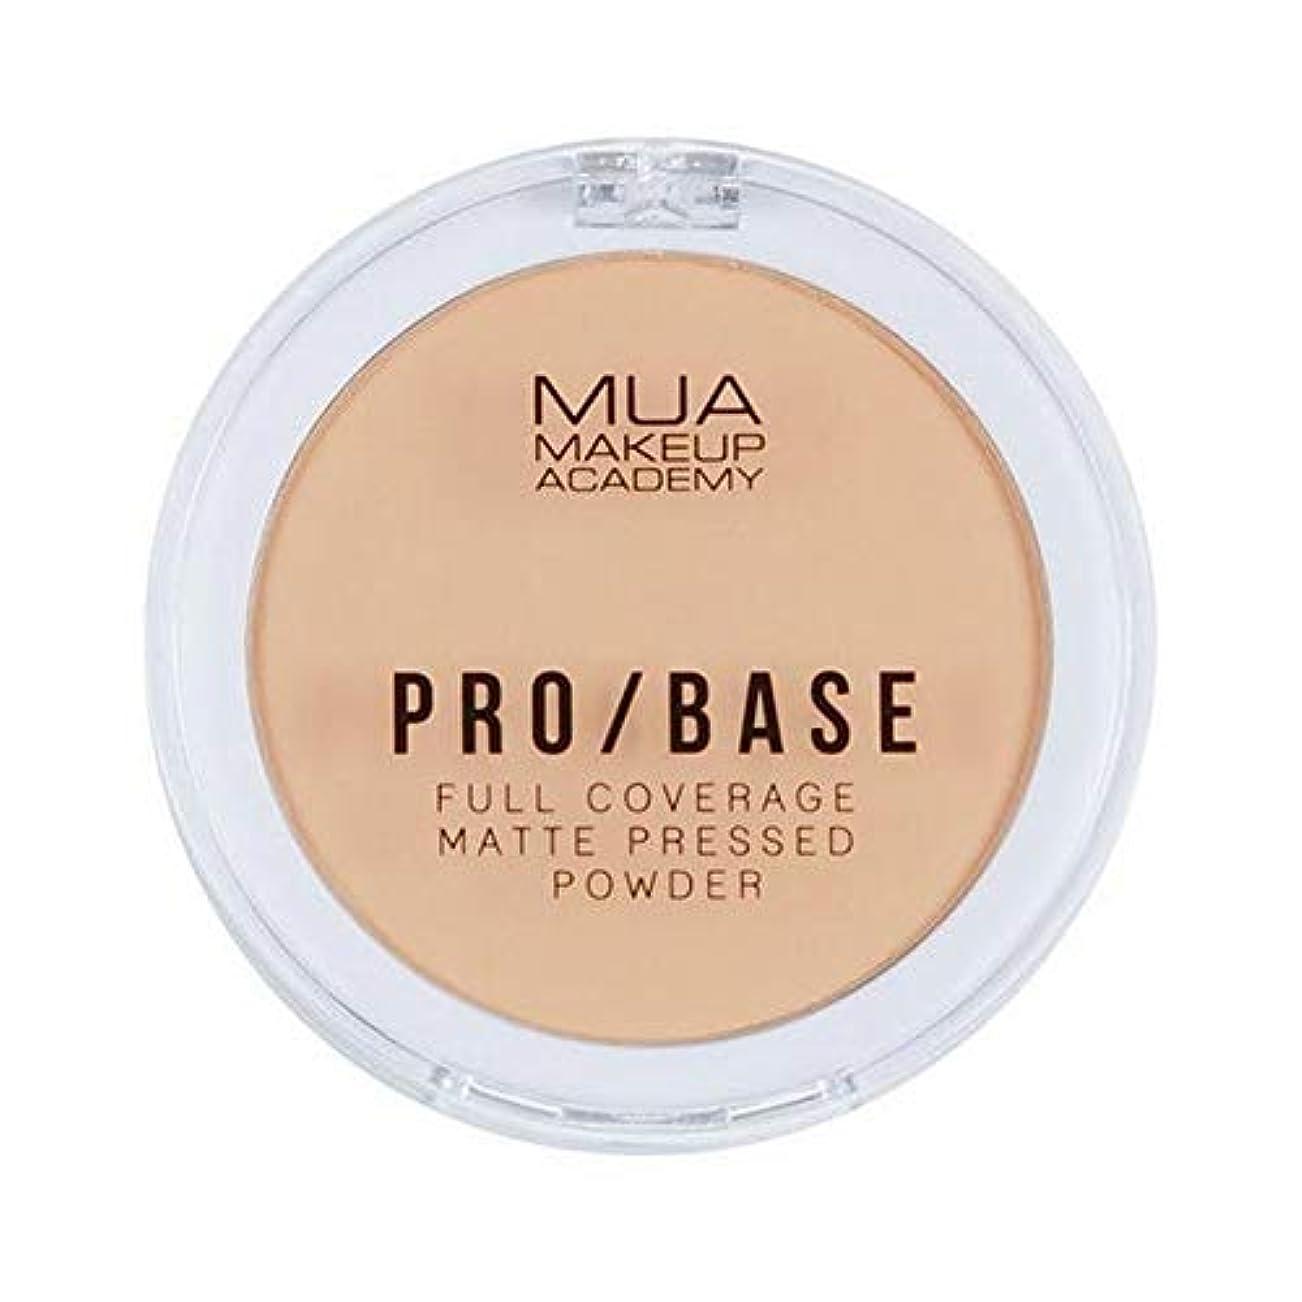 寸前絶壁留まる[MUA] Mua Pro/ベースフルカバレッジマット粉末#120 - MUA Pro/Base Full Coverage Matte Powder #120 [並行輸入品]